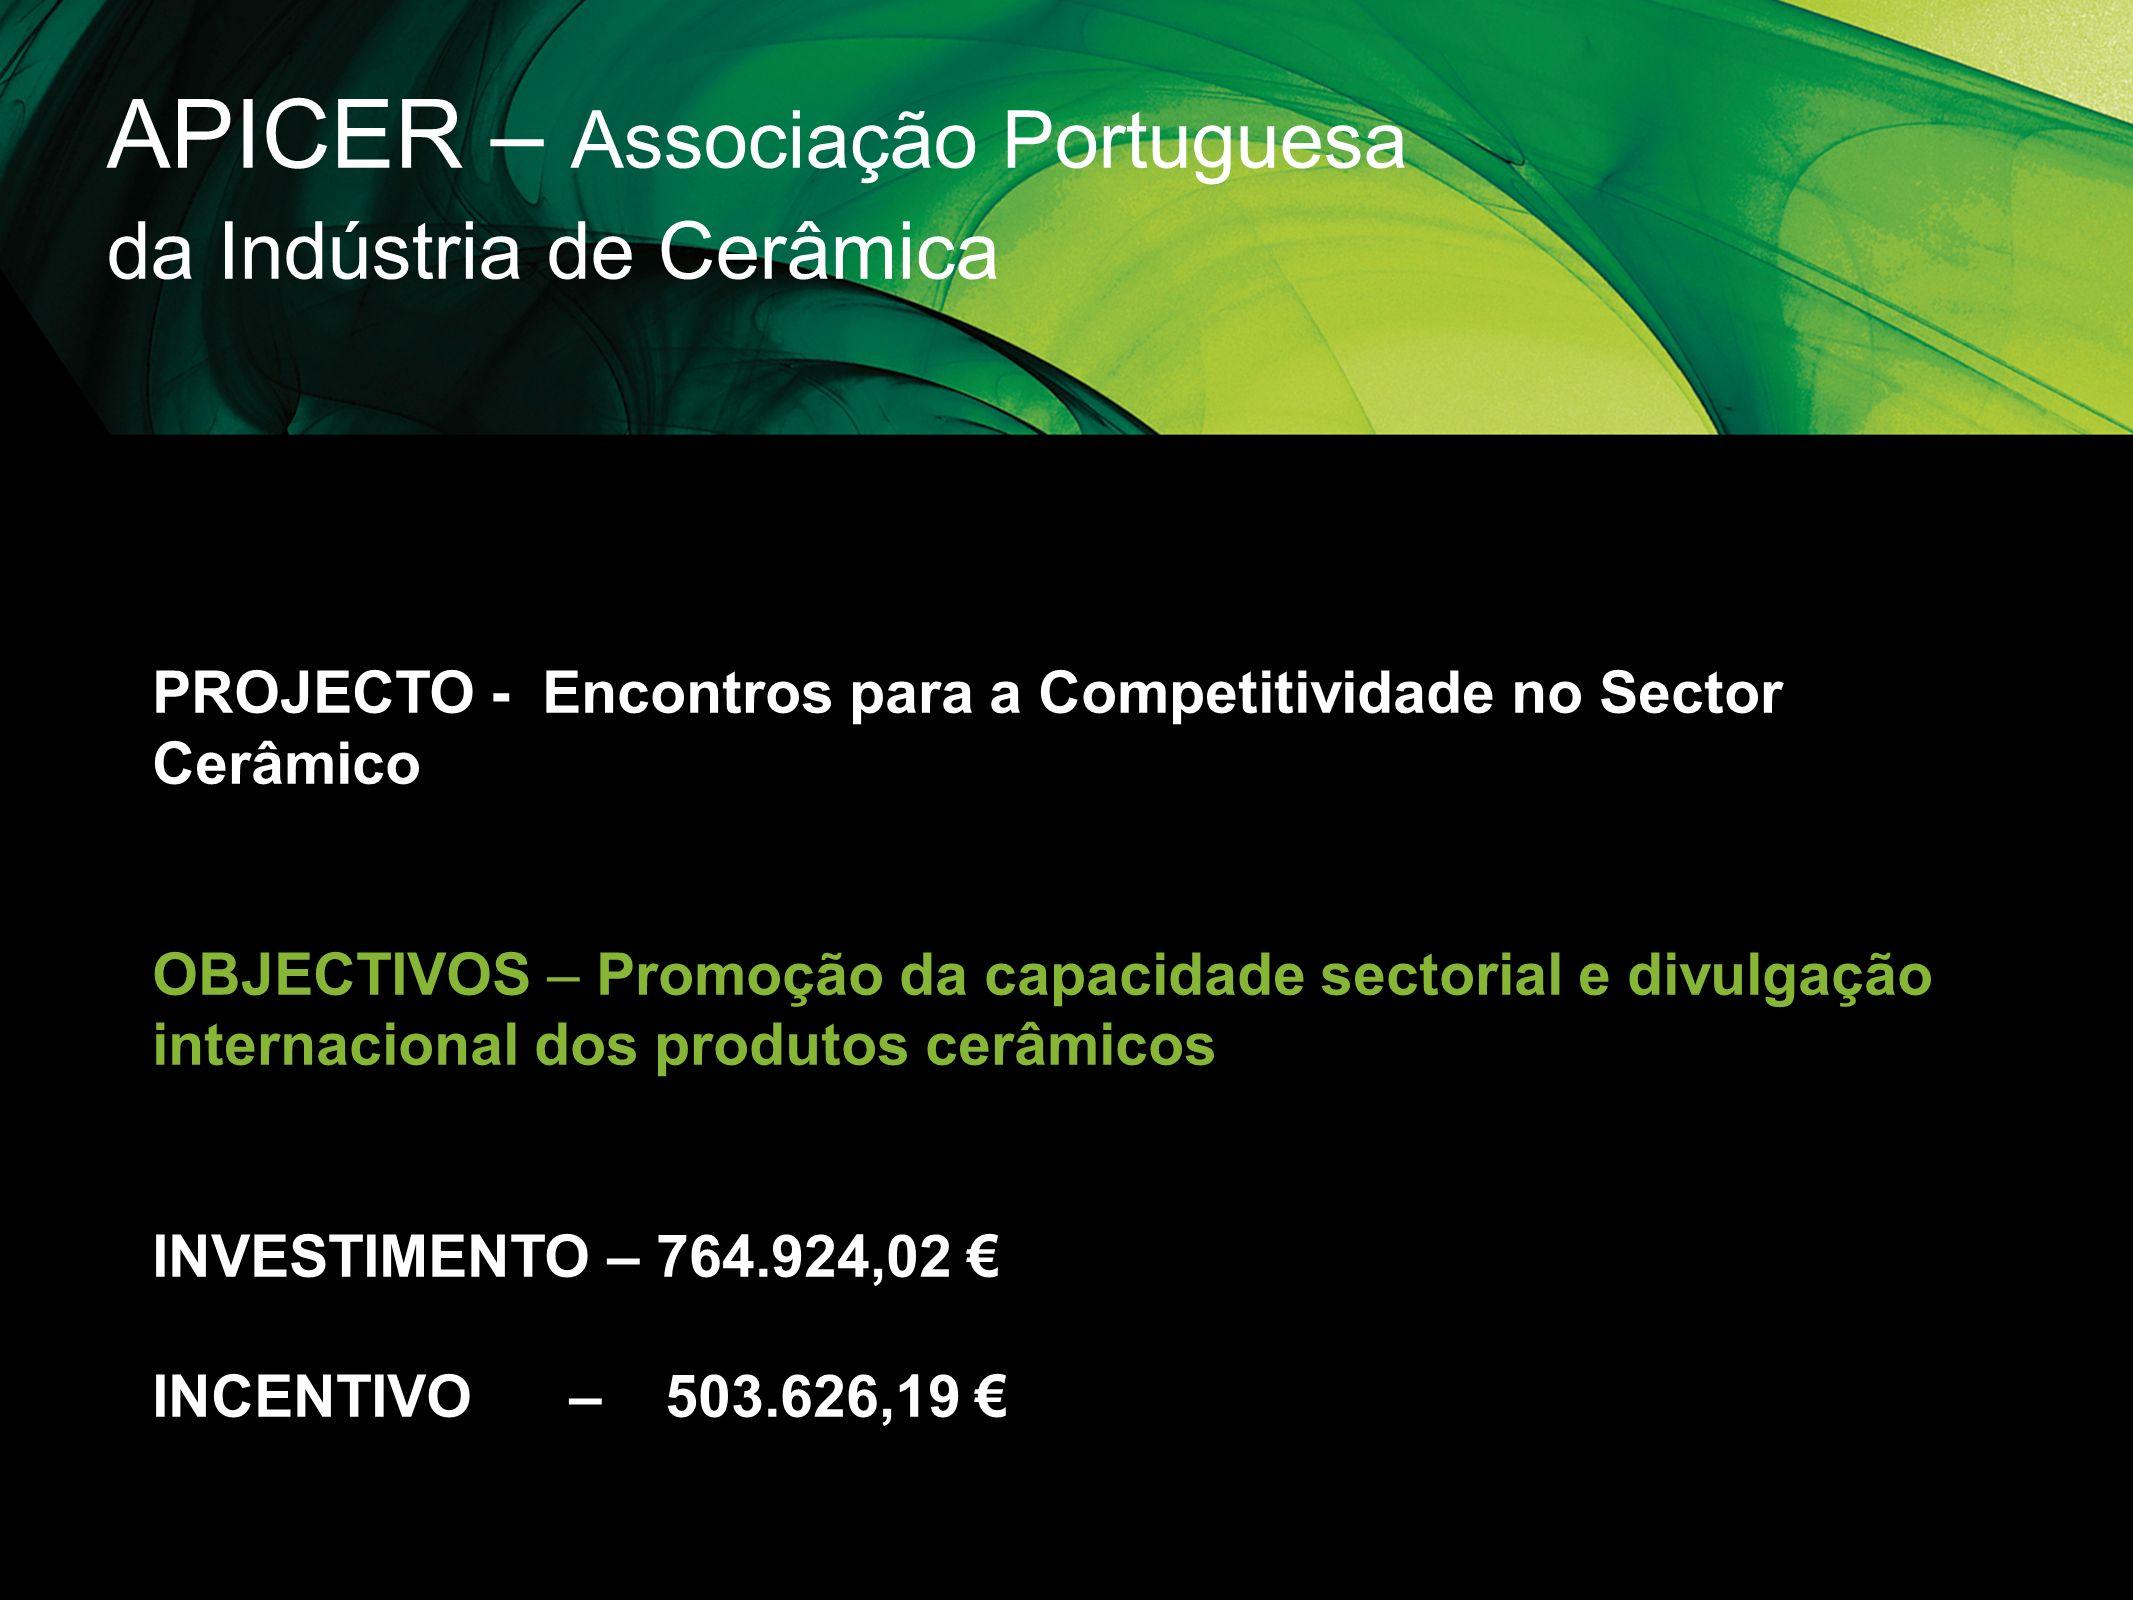 APICER – Associação Portuguesa da Indústria de Cerâmica